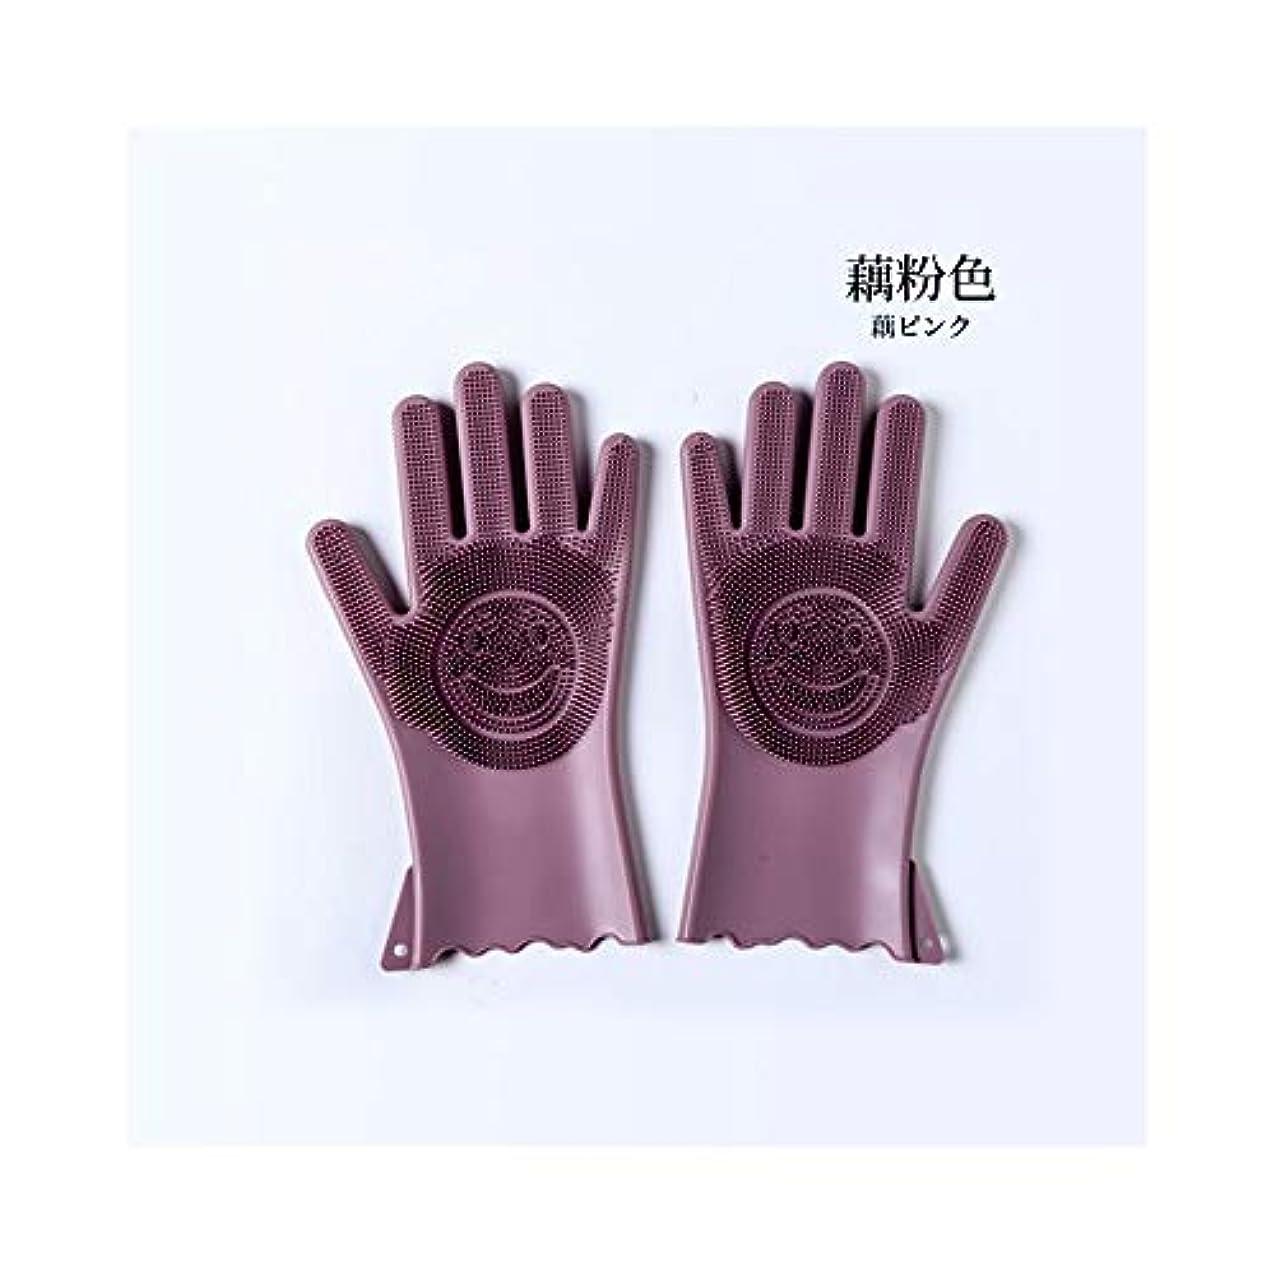 ライド指紋疲れた使い捨て手袋 作業用手袋防水厚くて丈夫なシリコーン多機能キッチン家庭用手袋 ニトリルゴム手袋 (Color : PINK, Size : M)